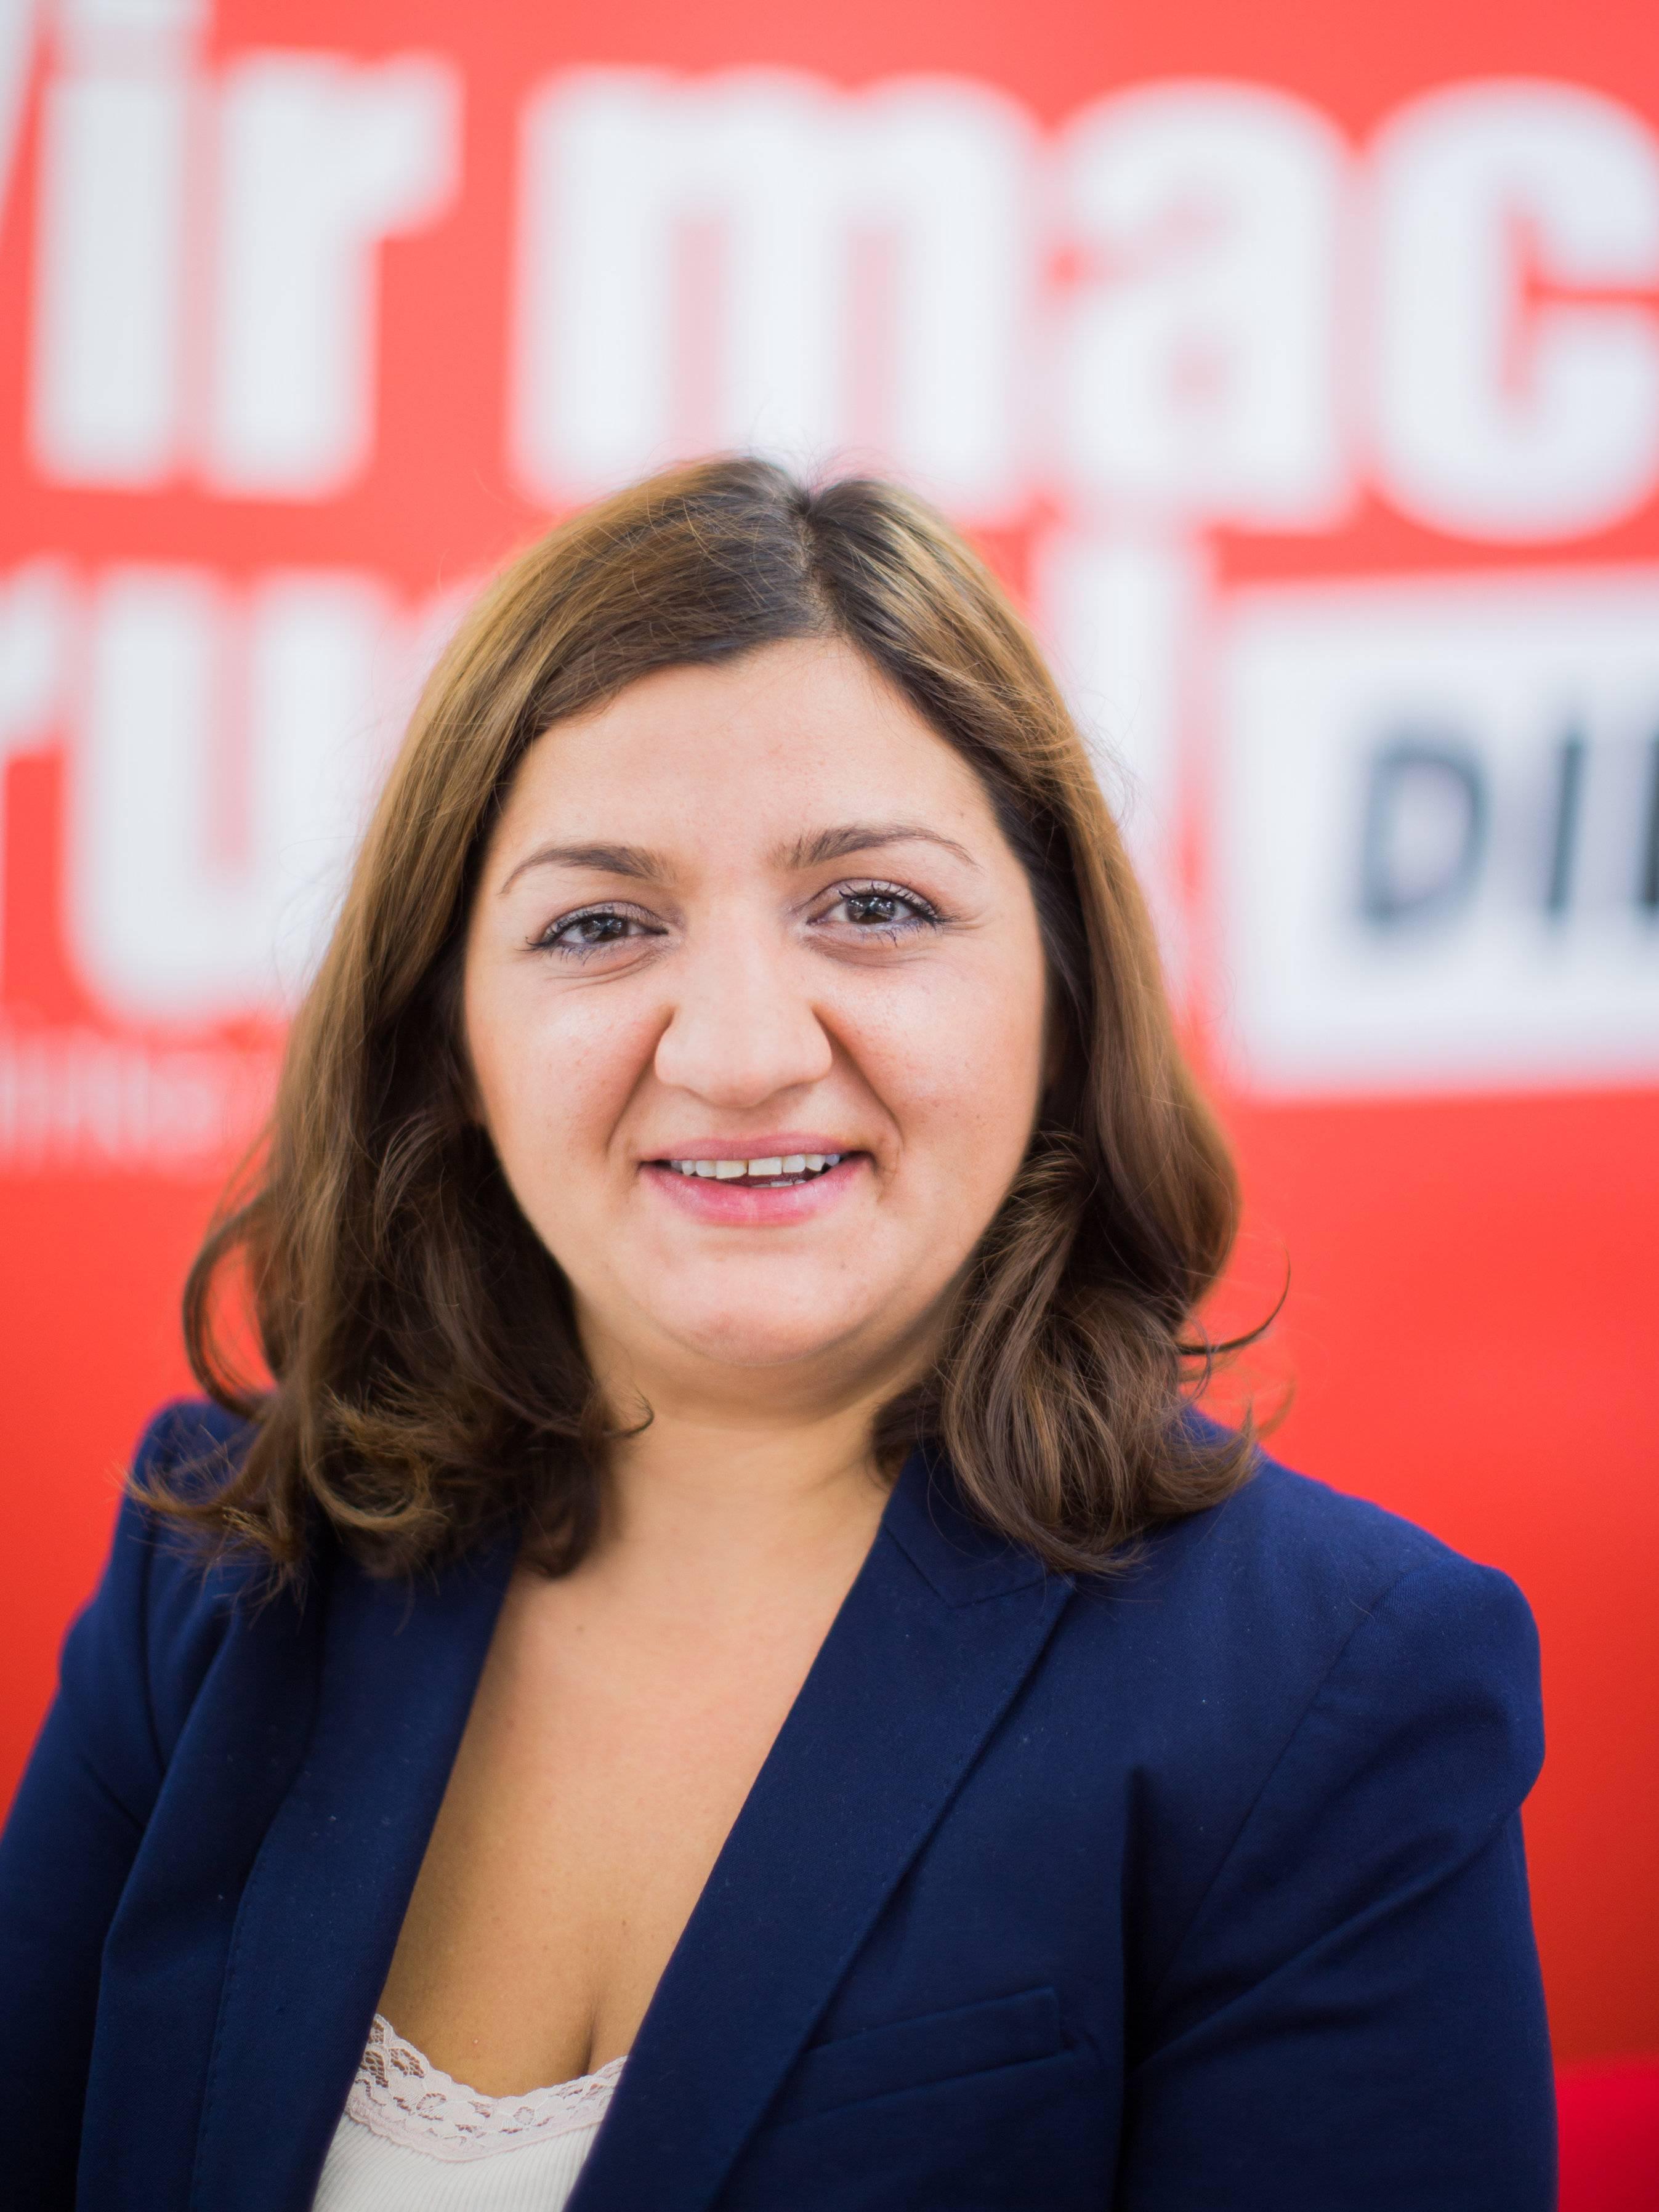 kandidaten europawahl 2019 deutschland